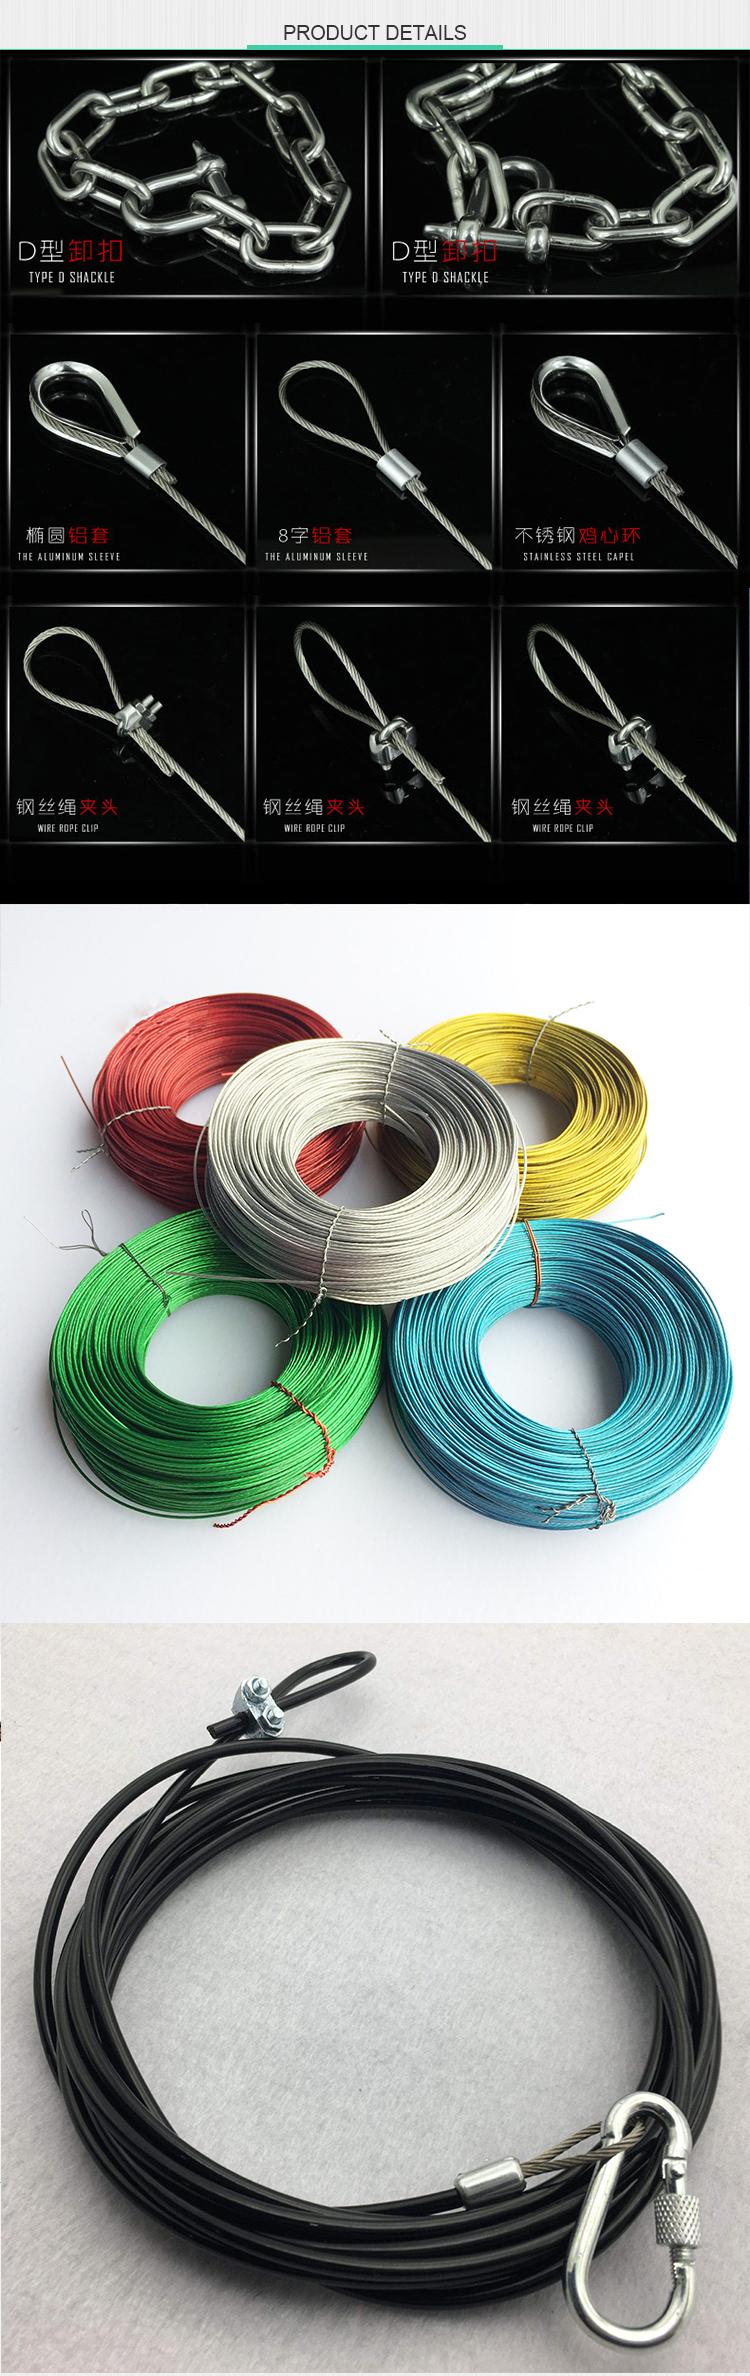 Nhựa PVC / phủ nhựa dây thép không gỉ